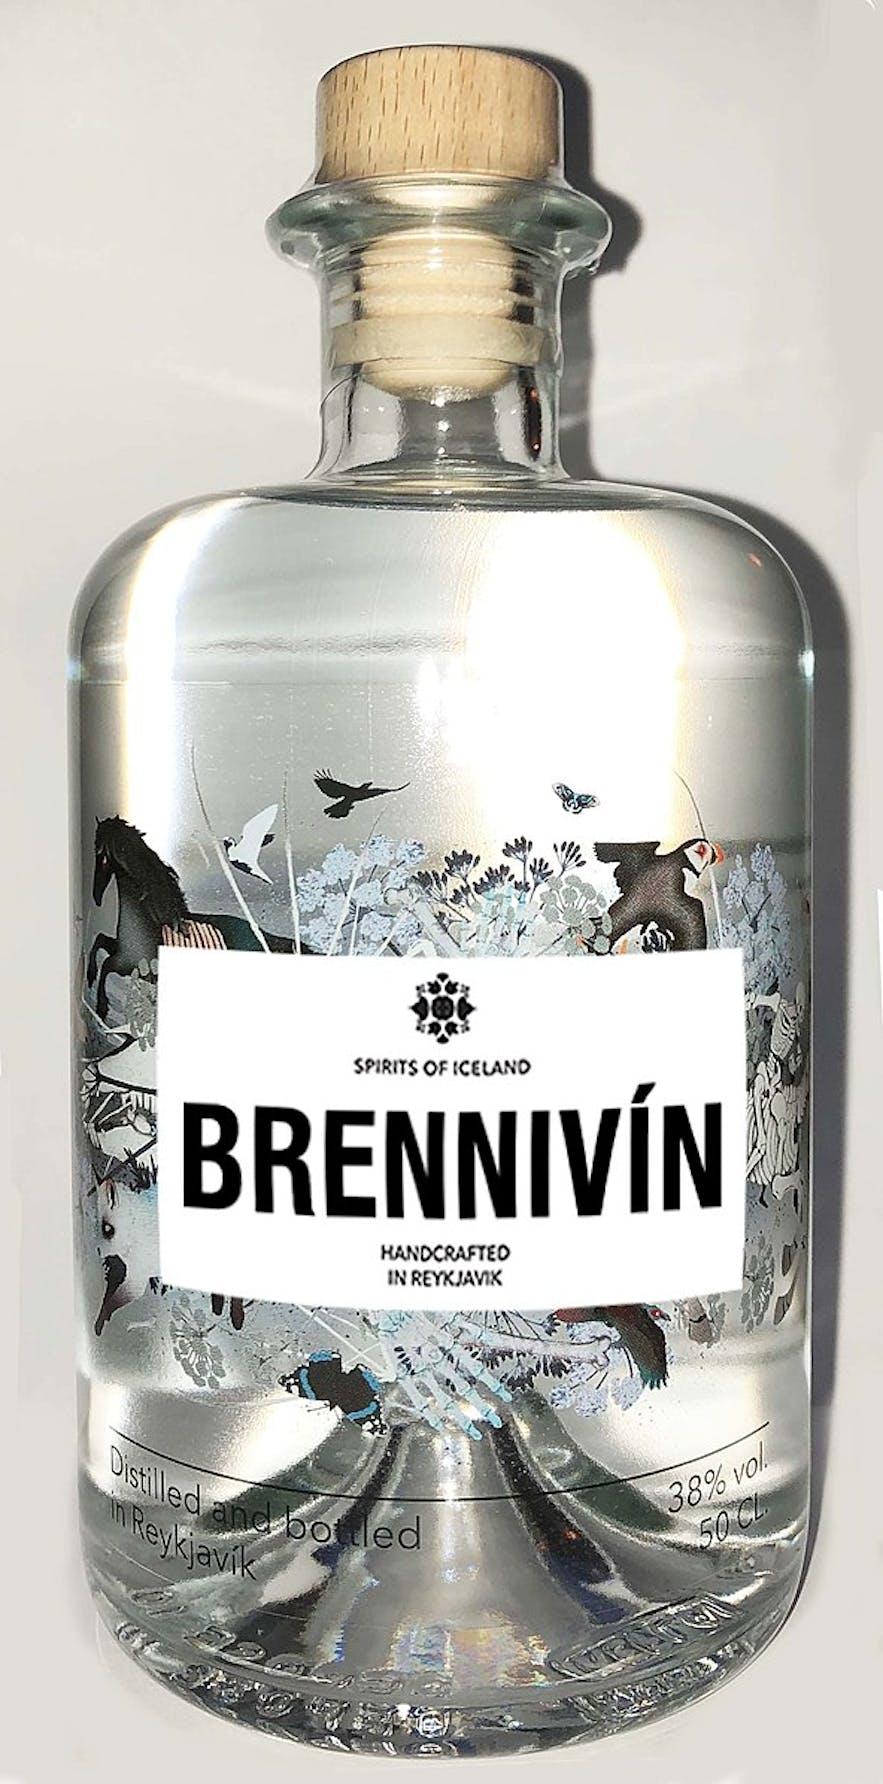 Iceland's signature distilled beverage is Brennivín